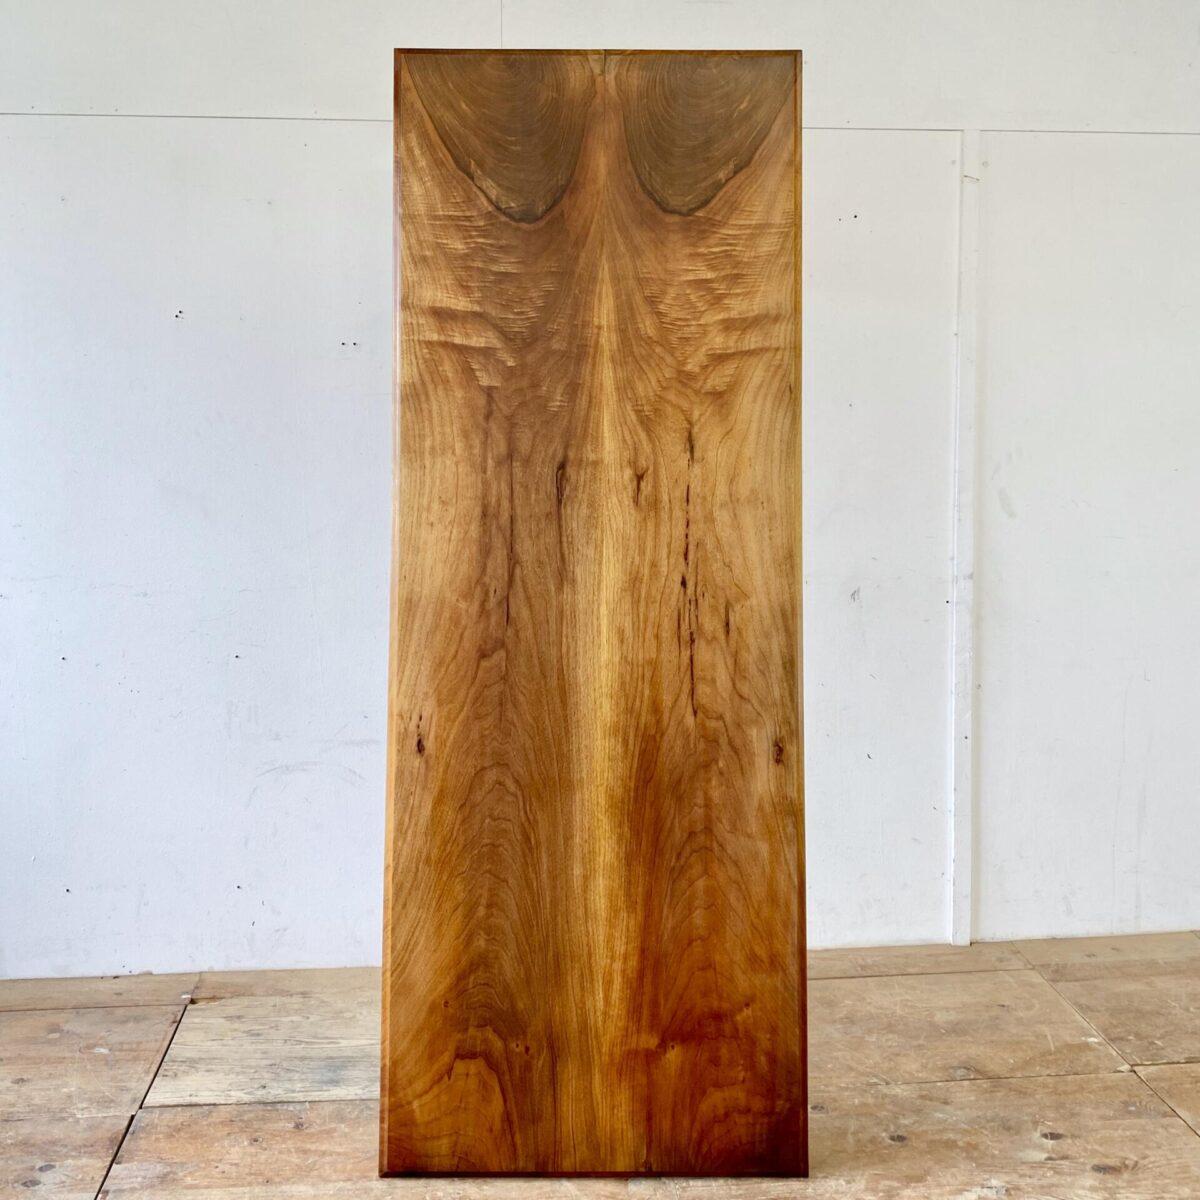 Deuxieme.shop antiker Horgen glarus Tisch Swiss design. Alter Nussbaum Beizentisch mit Profilkante und Emil Baumann Gussfüssen. 205x76.5c, Höhe 74cm. Das Tischblatt besteht aus nur zwei breiten Vollholz Brettern, welche gespiegelt verleimt sind. Die Holzoberflächen sind mit Naturöl behandelt. An dem Tisch finden bis zu 8 Personen angenehm Platz.